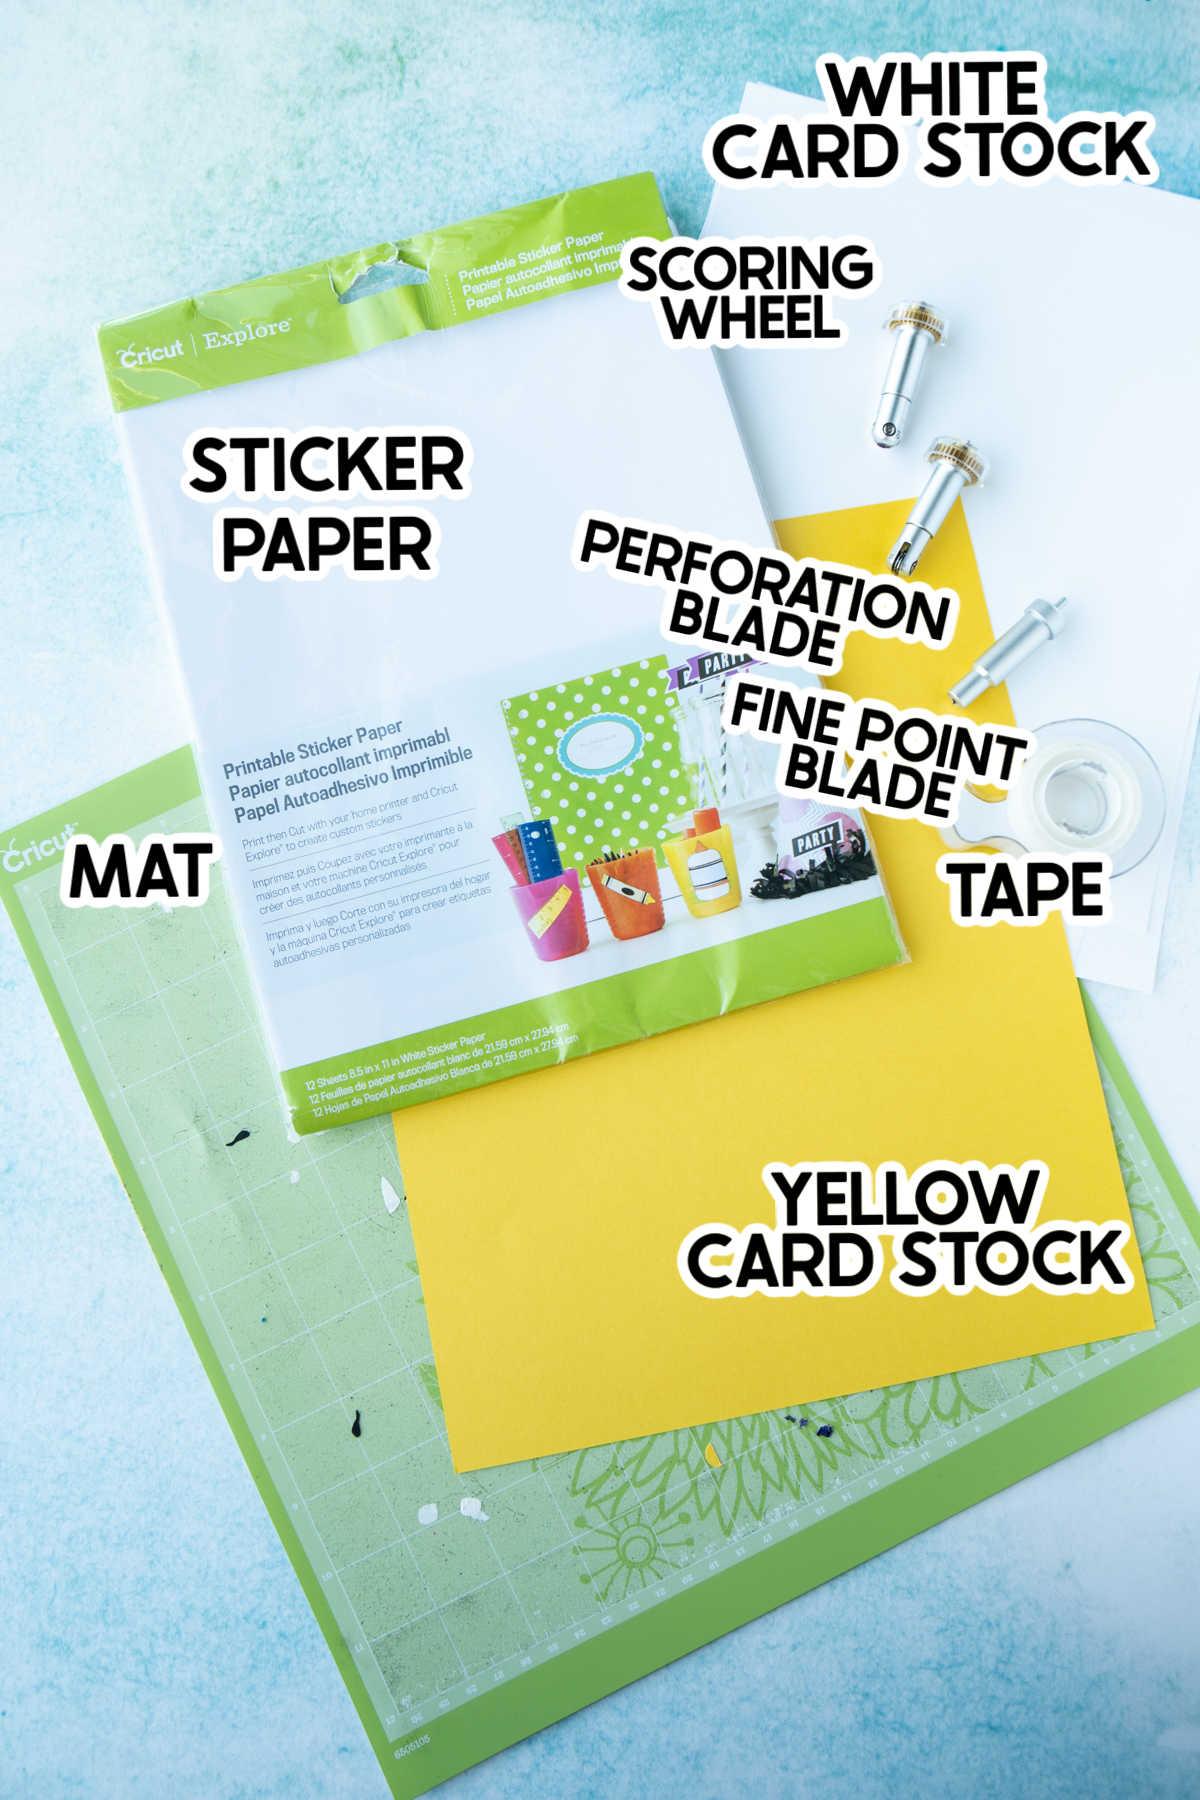 Cricut paper and tools